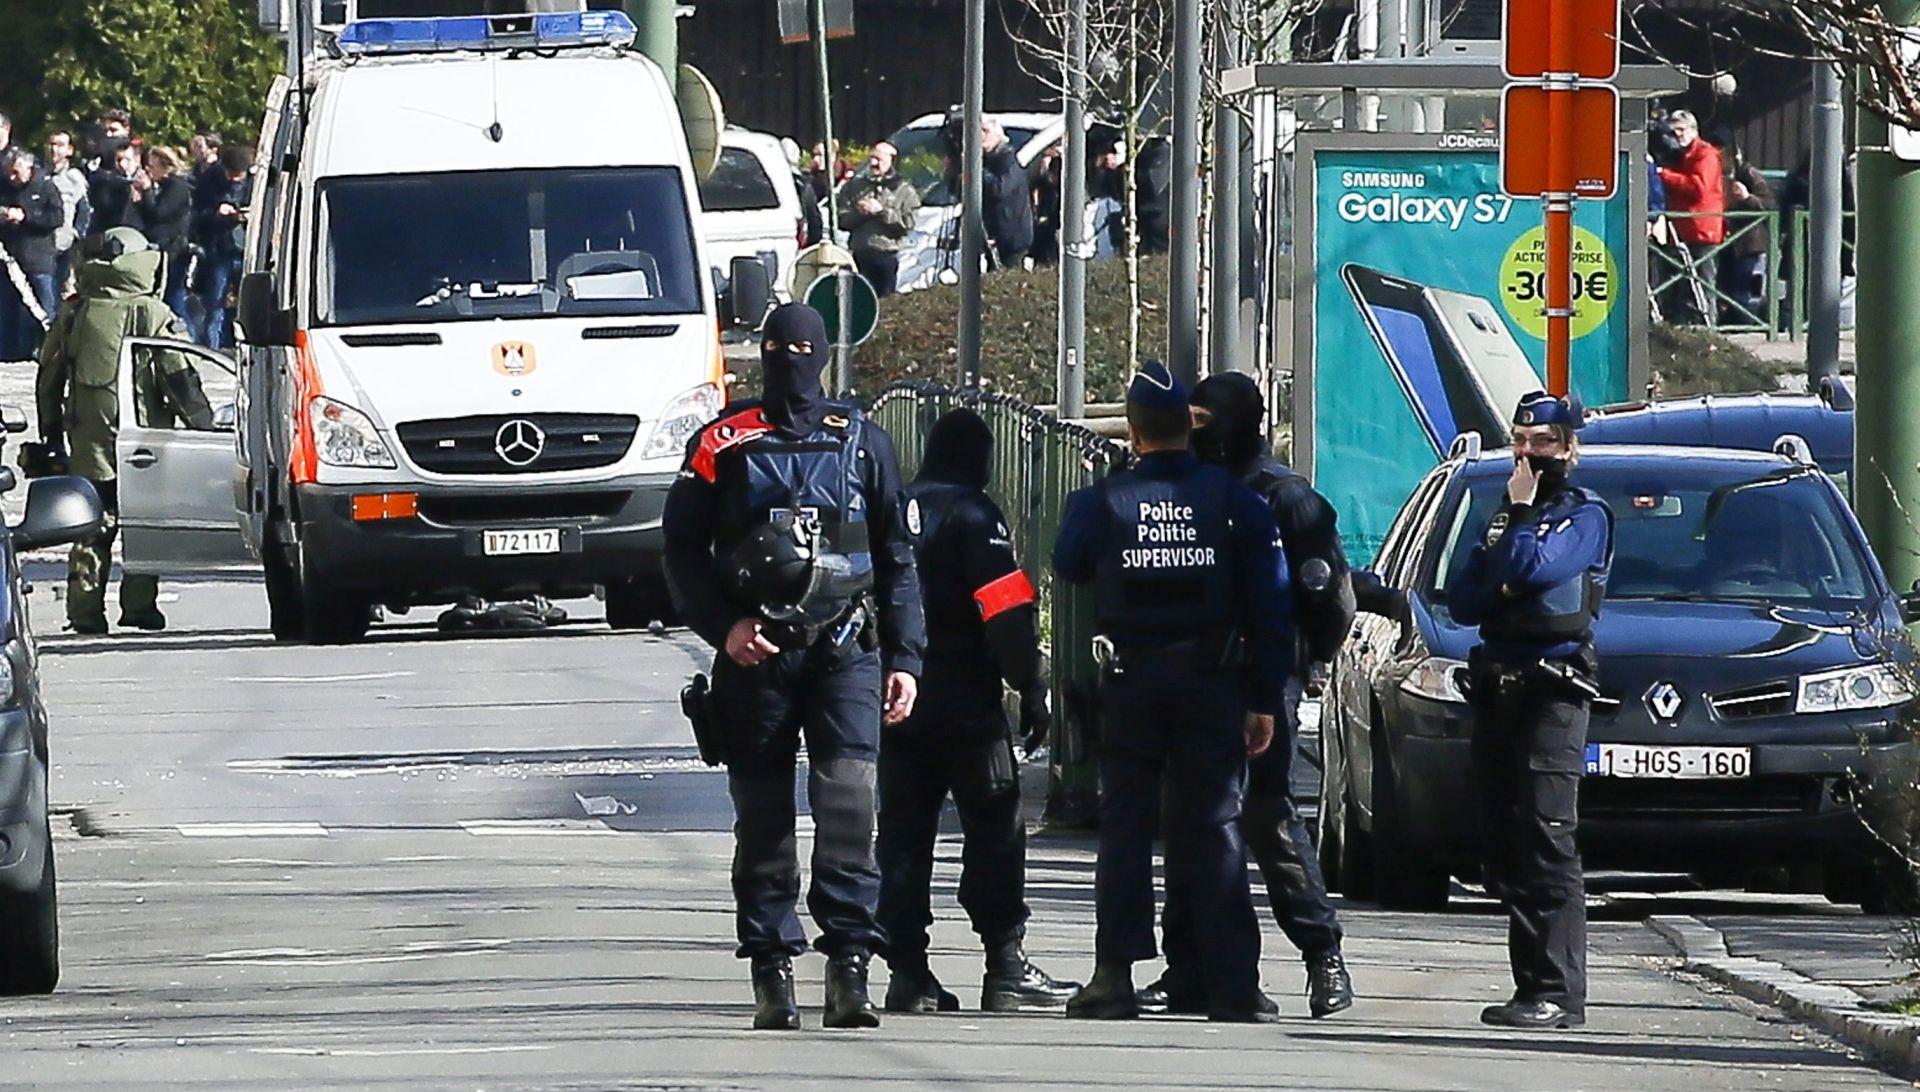 Teroristi iz Bruxellesa prošli kroz Hrvatsku i kontaktirali nekog s hrvatskim brojem?